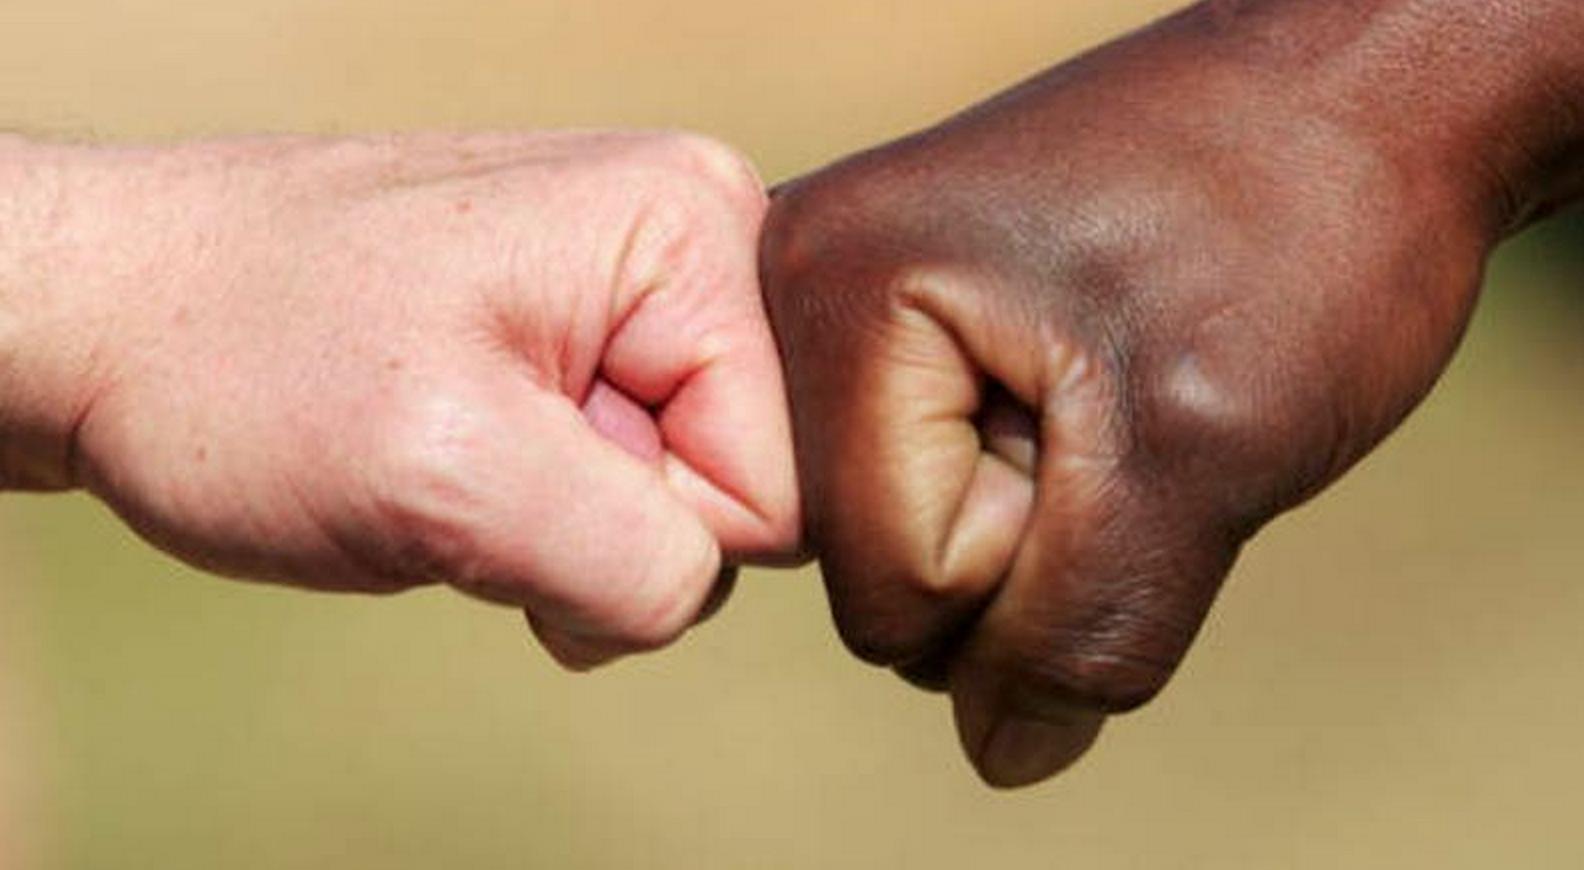 Ragazza di colore non ammessa a una gara canora veronese